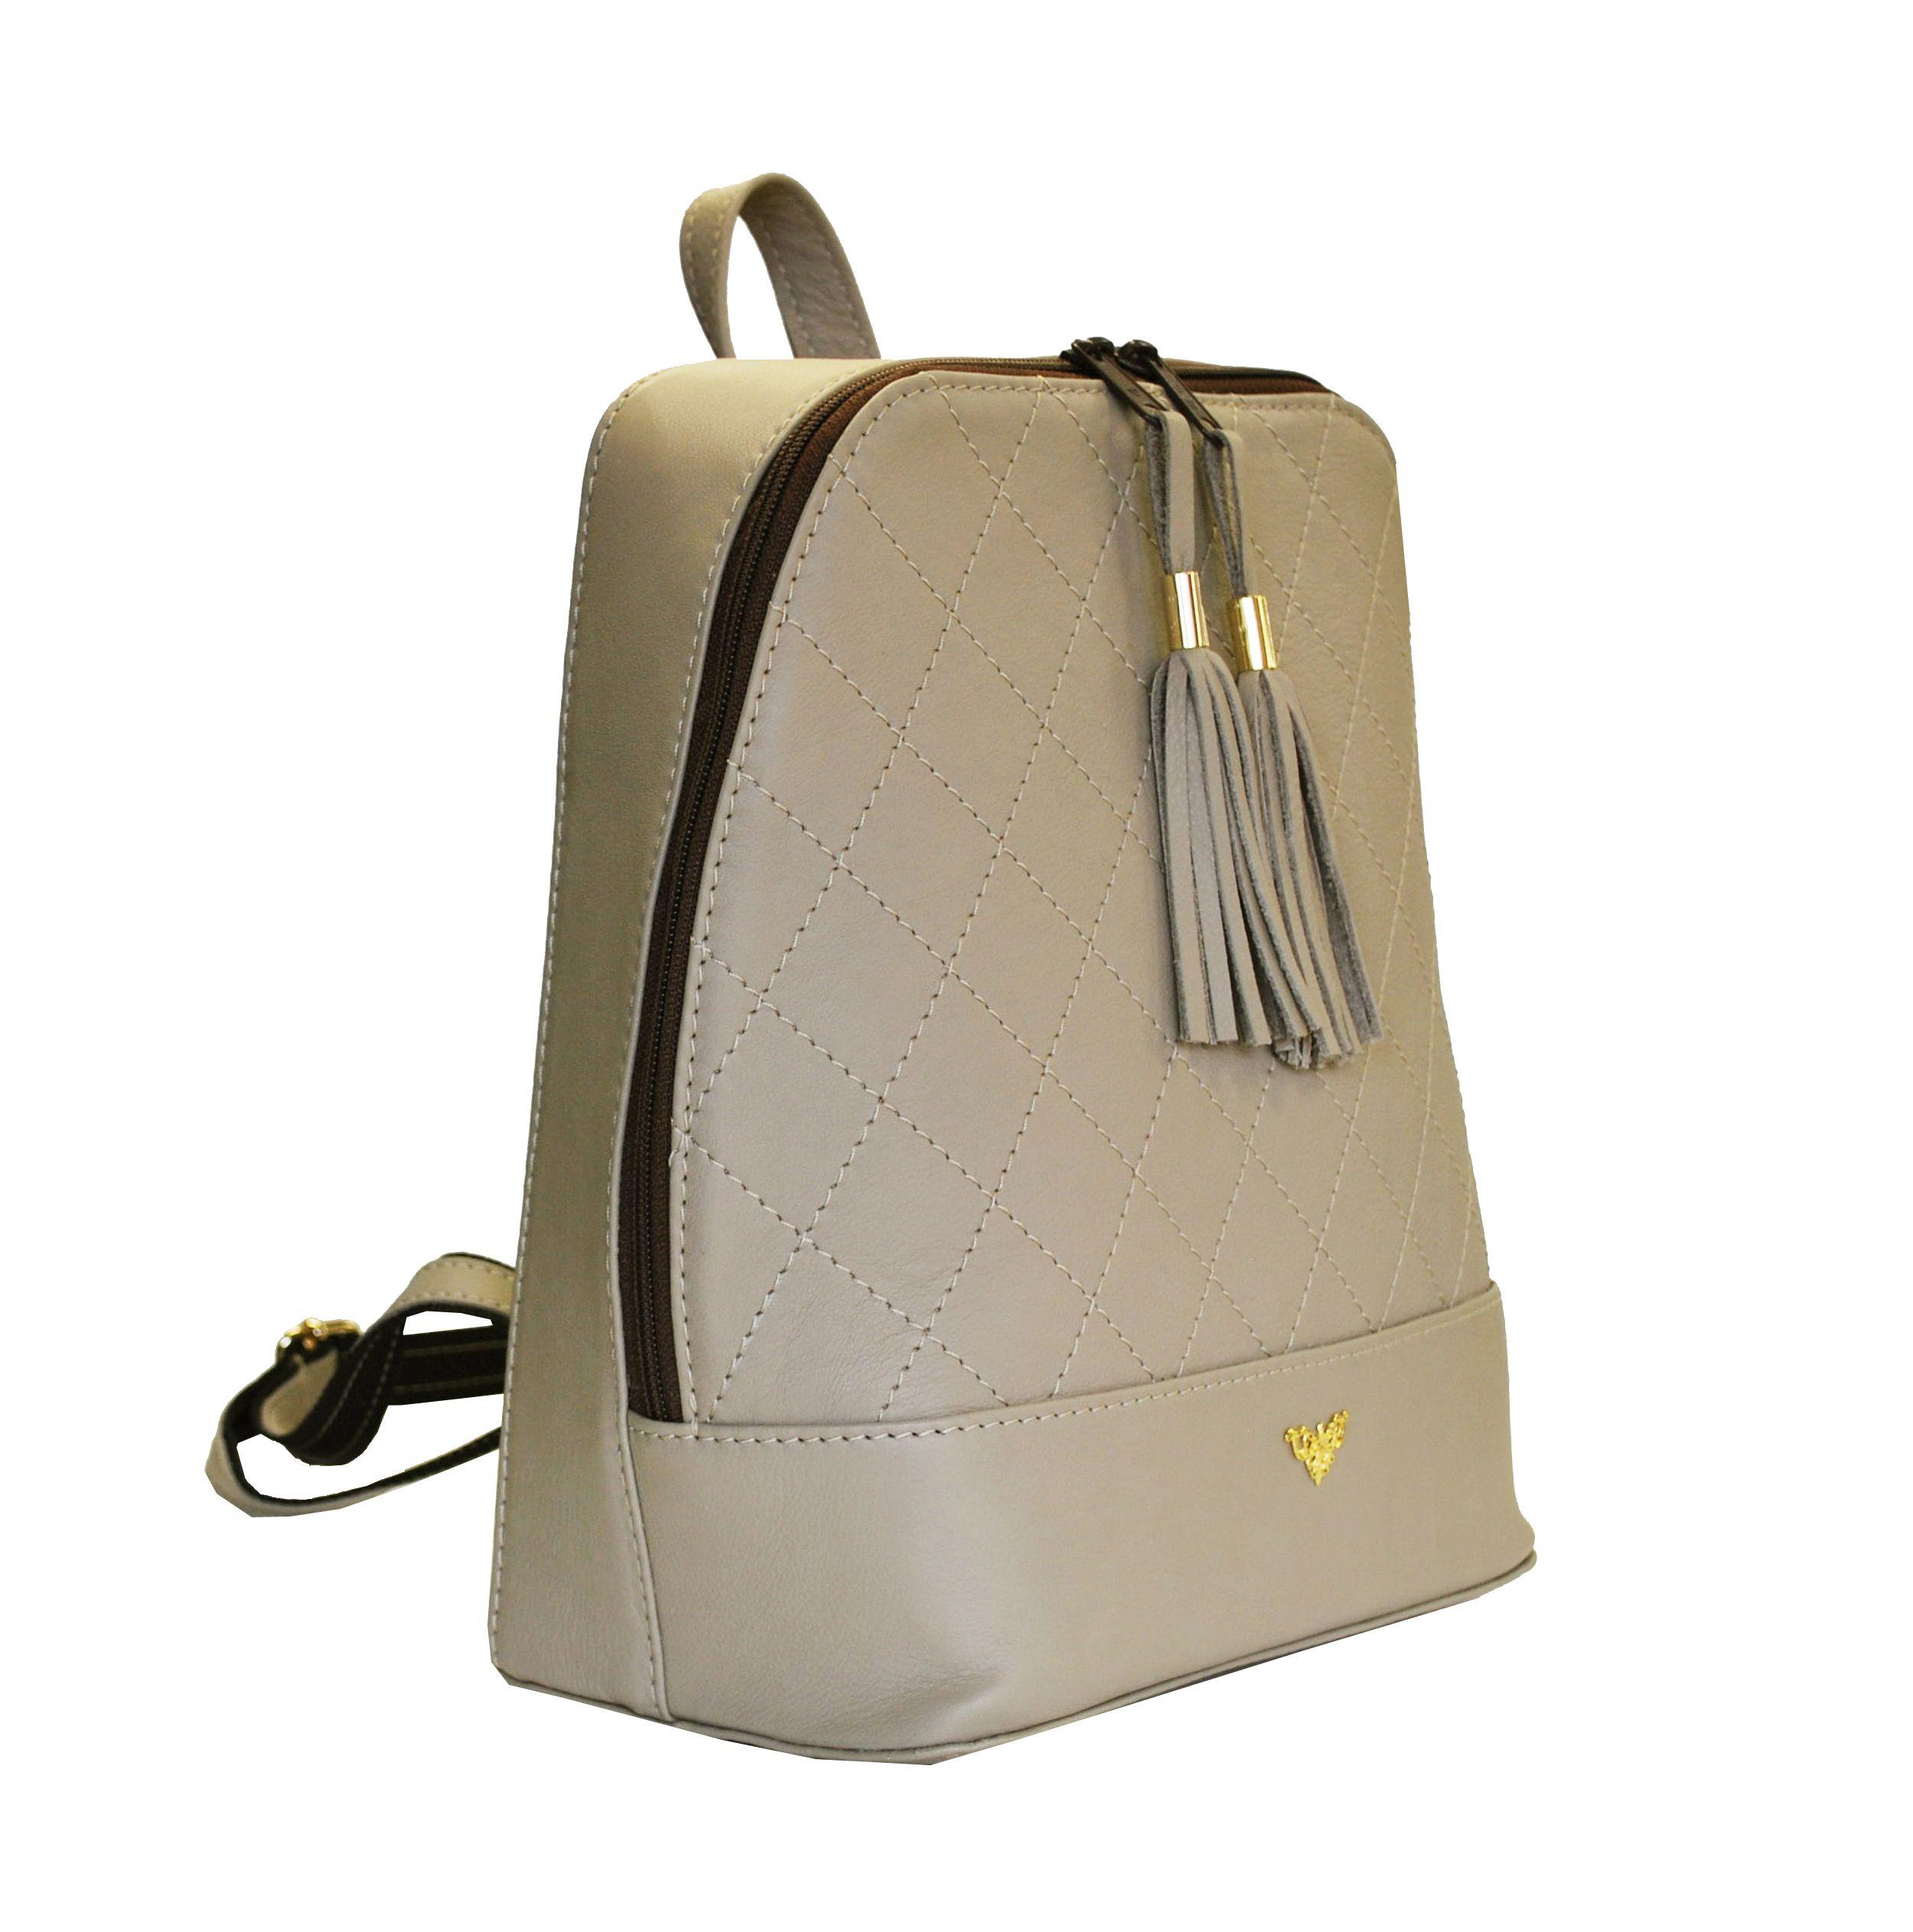 6565e0ba3762 Štýlový dámsky kožený ruksak z prírodnej kože v šedej farbe